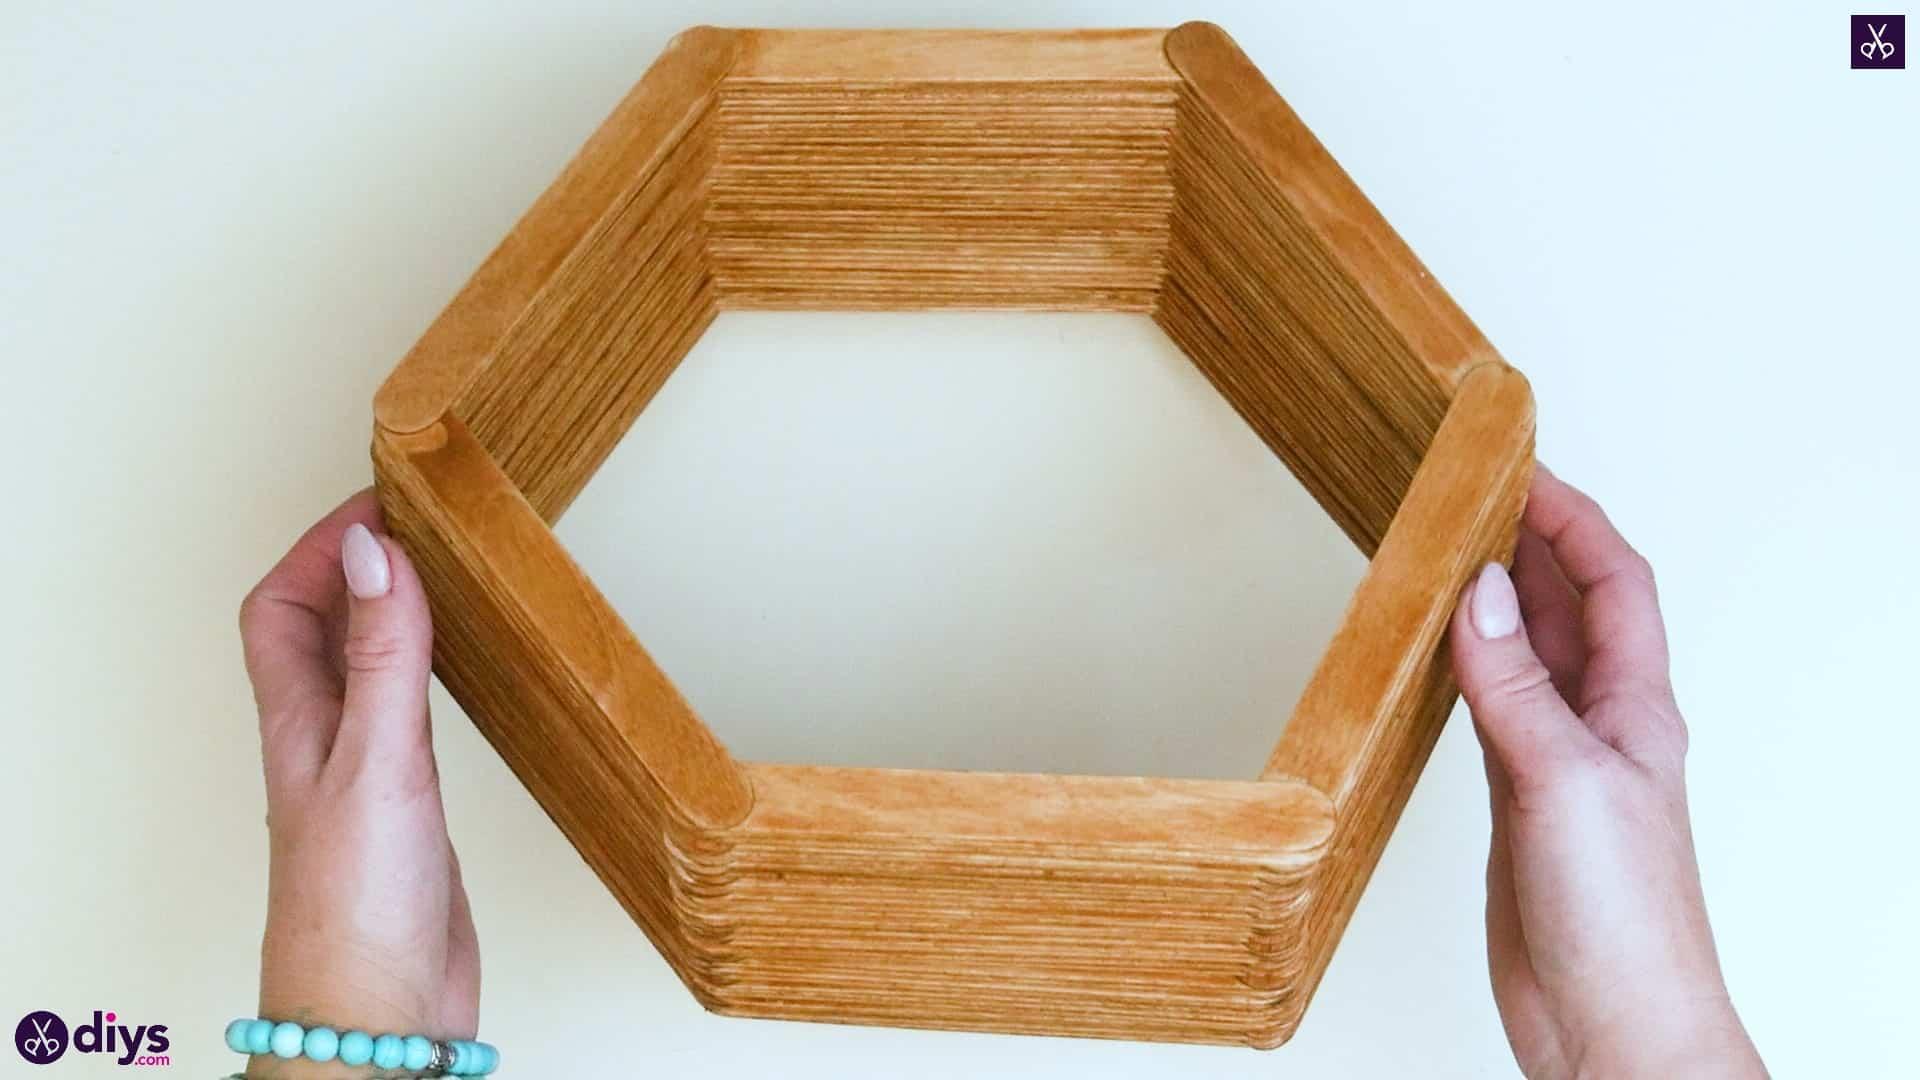 Diy popsicle stick hexagon shelf step 4e